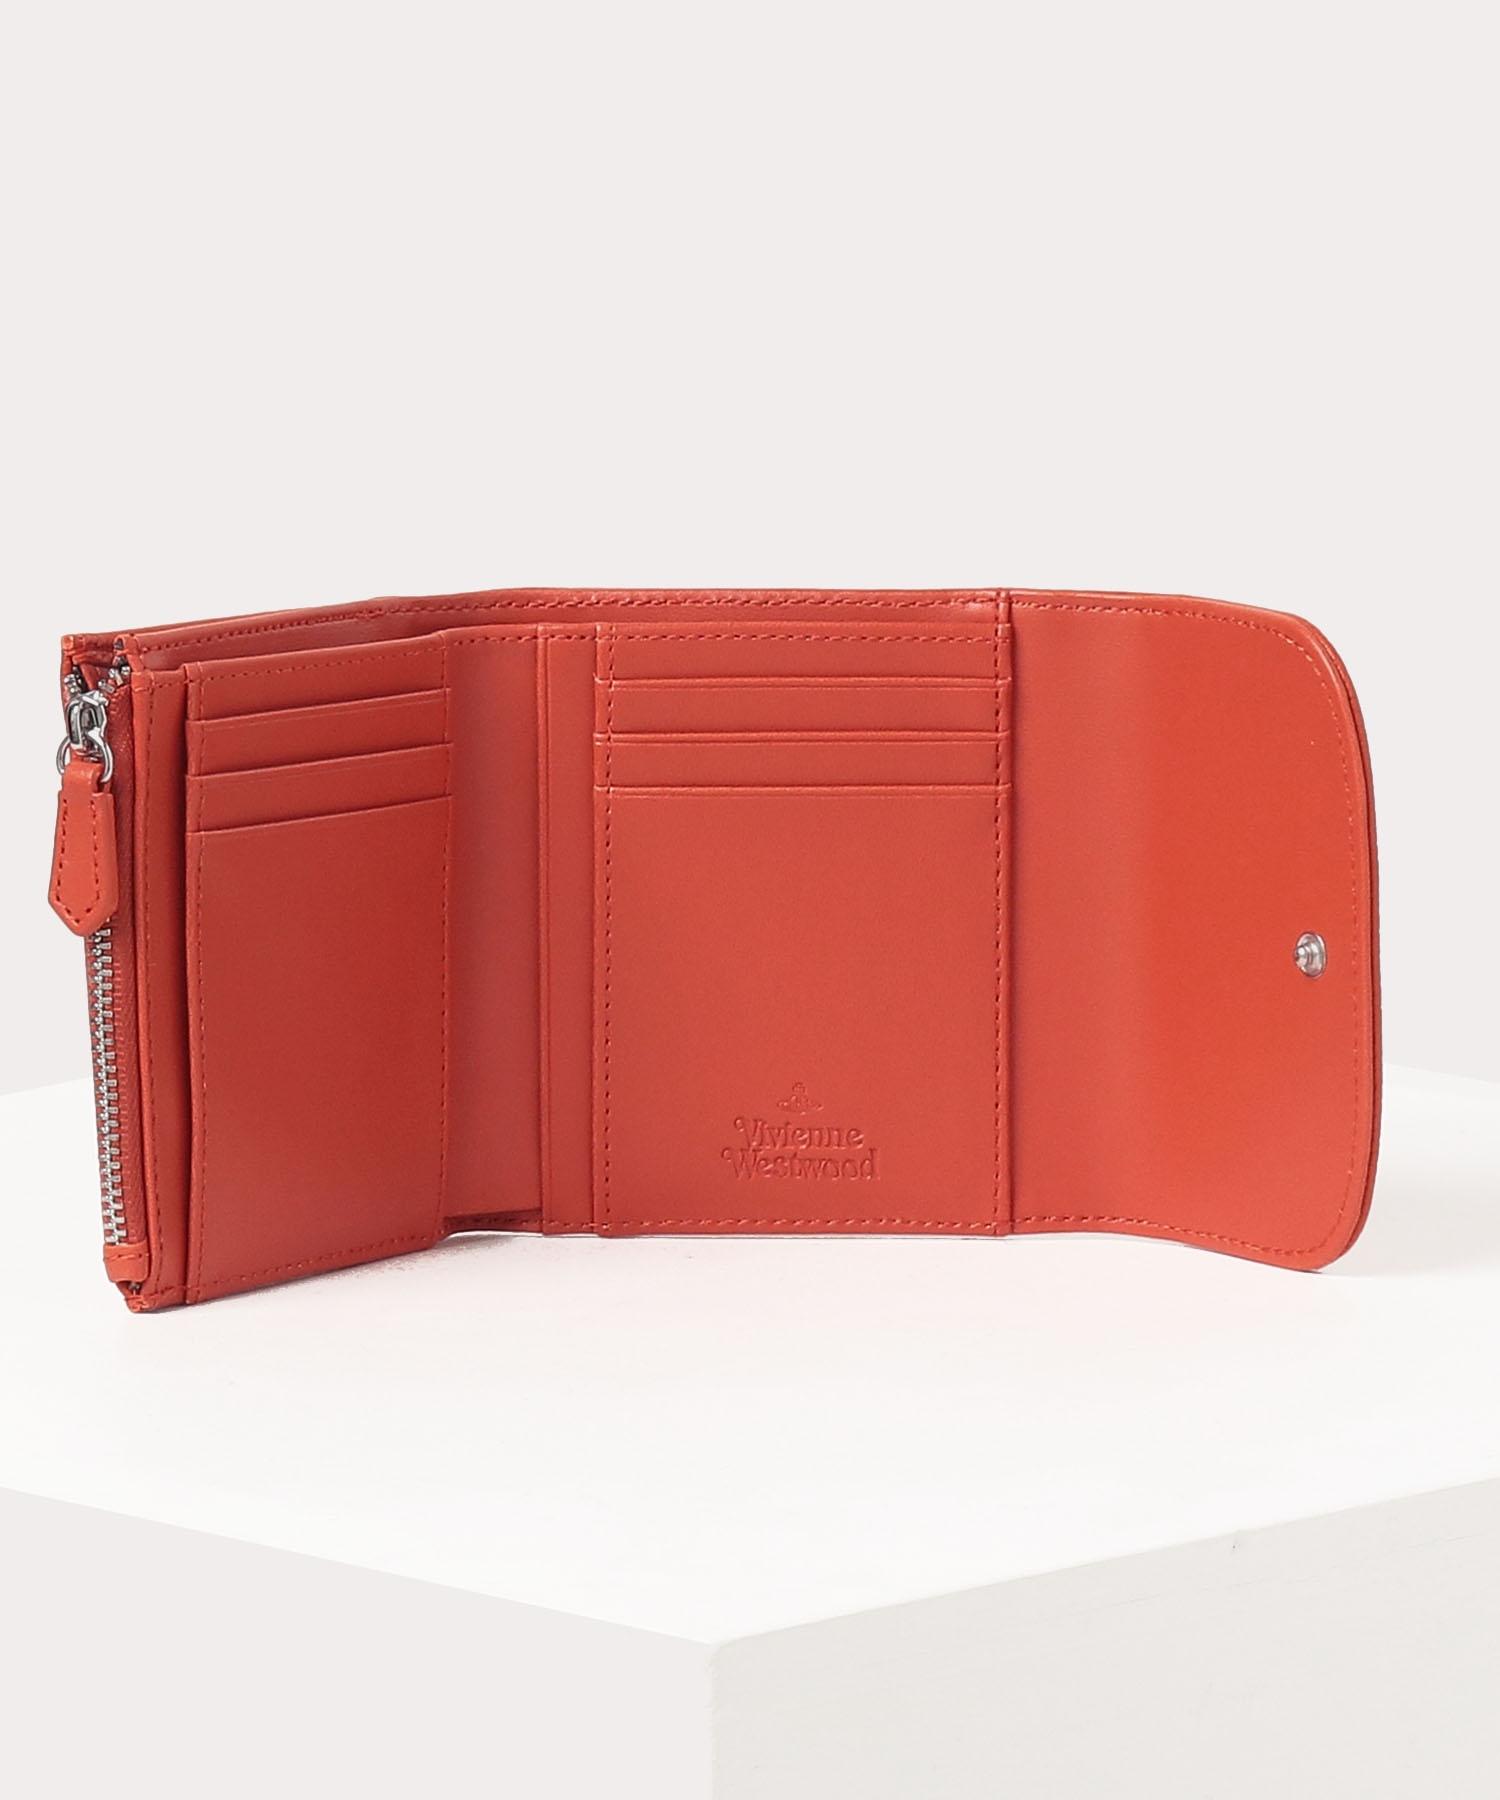 JOHANNA 三つ折り財布